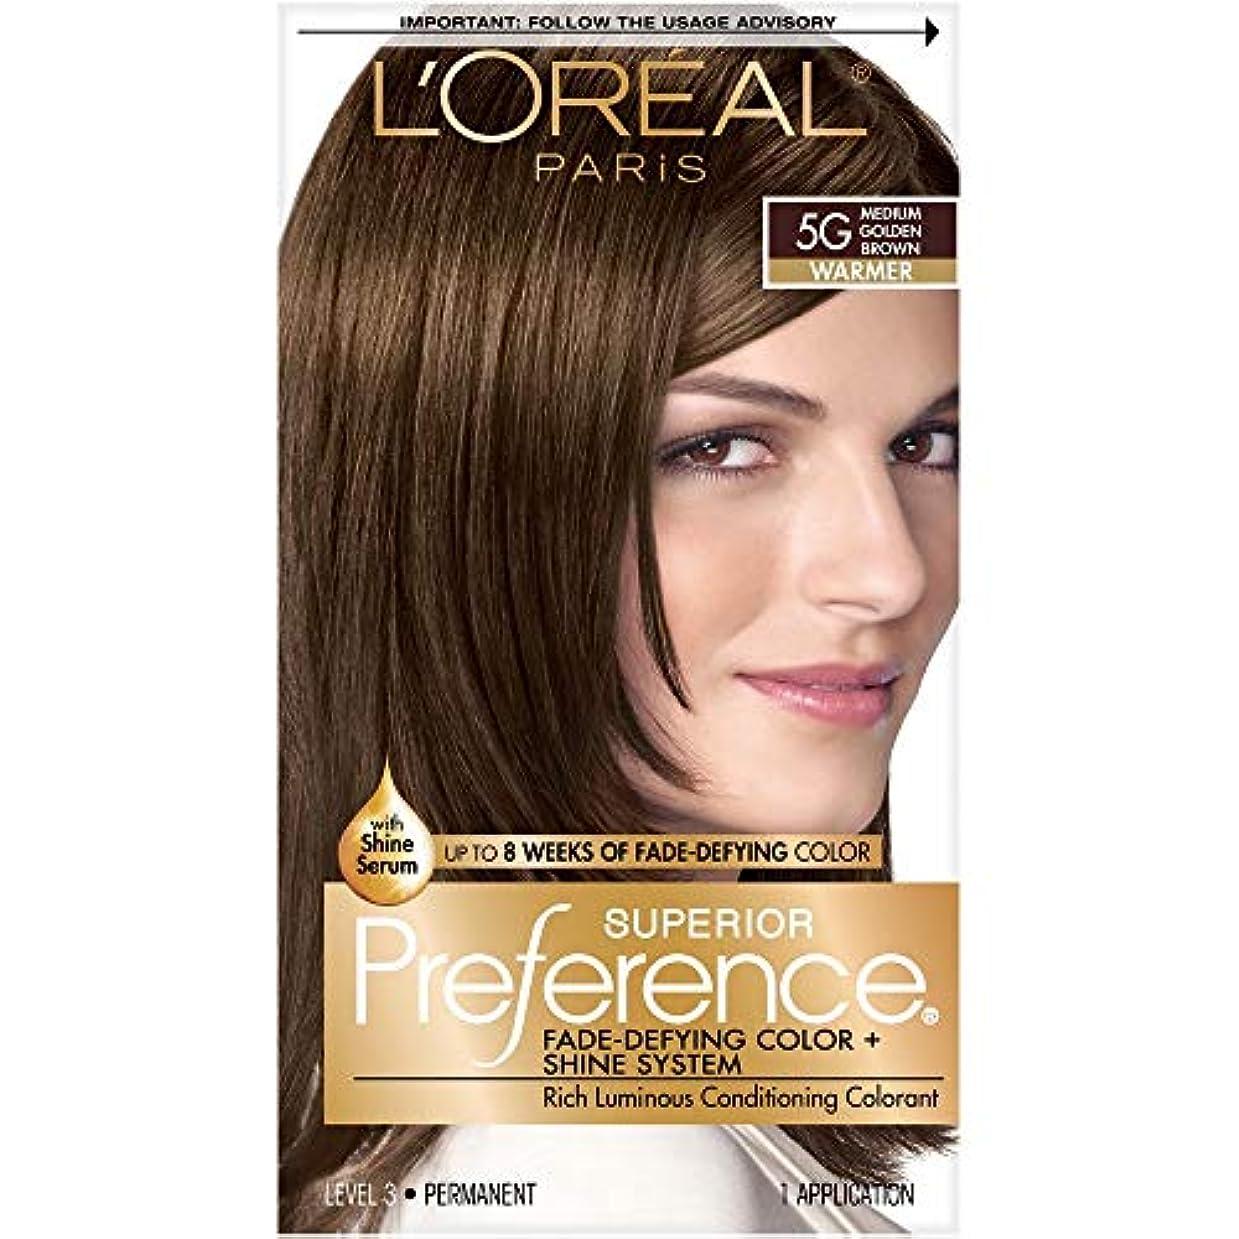 暴力的な宝ブランド海外直送肘 LOreal Superior Preference Hair Color 5G Medium Golden Brown, Medium Golden Brown 1 each